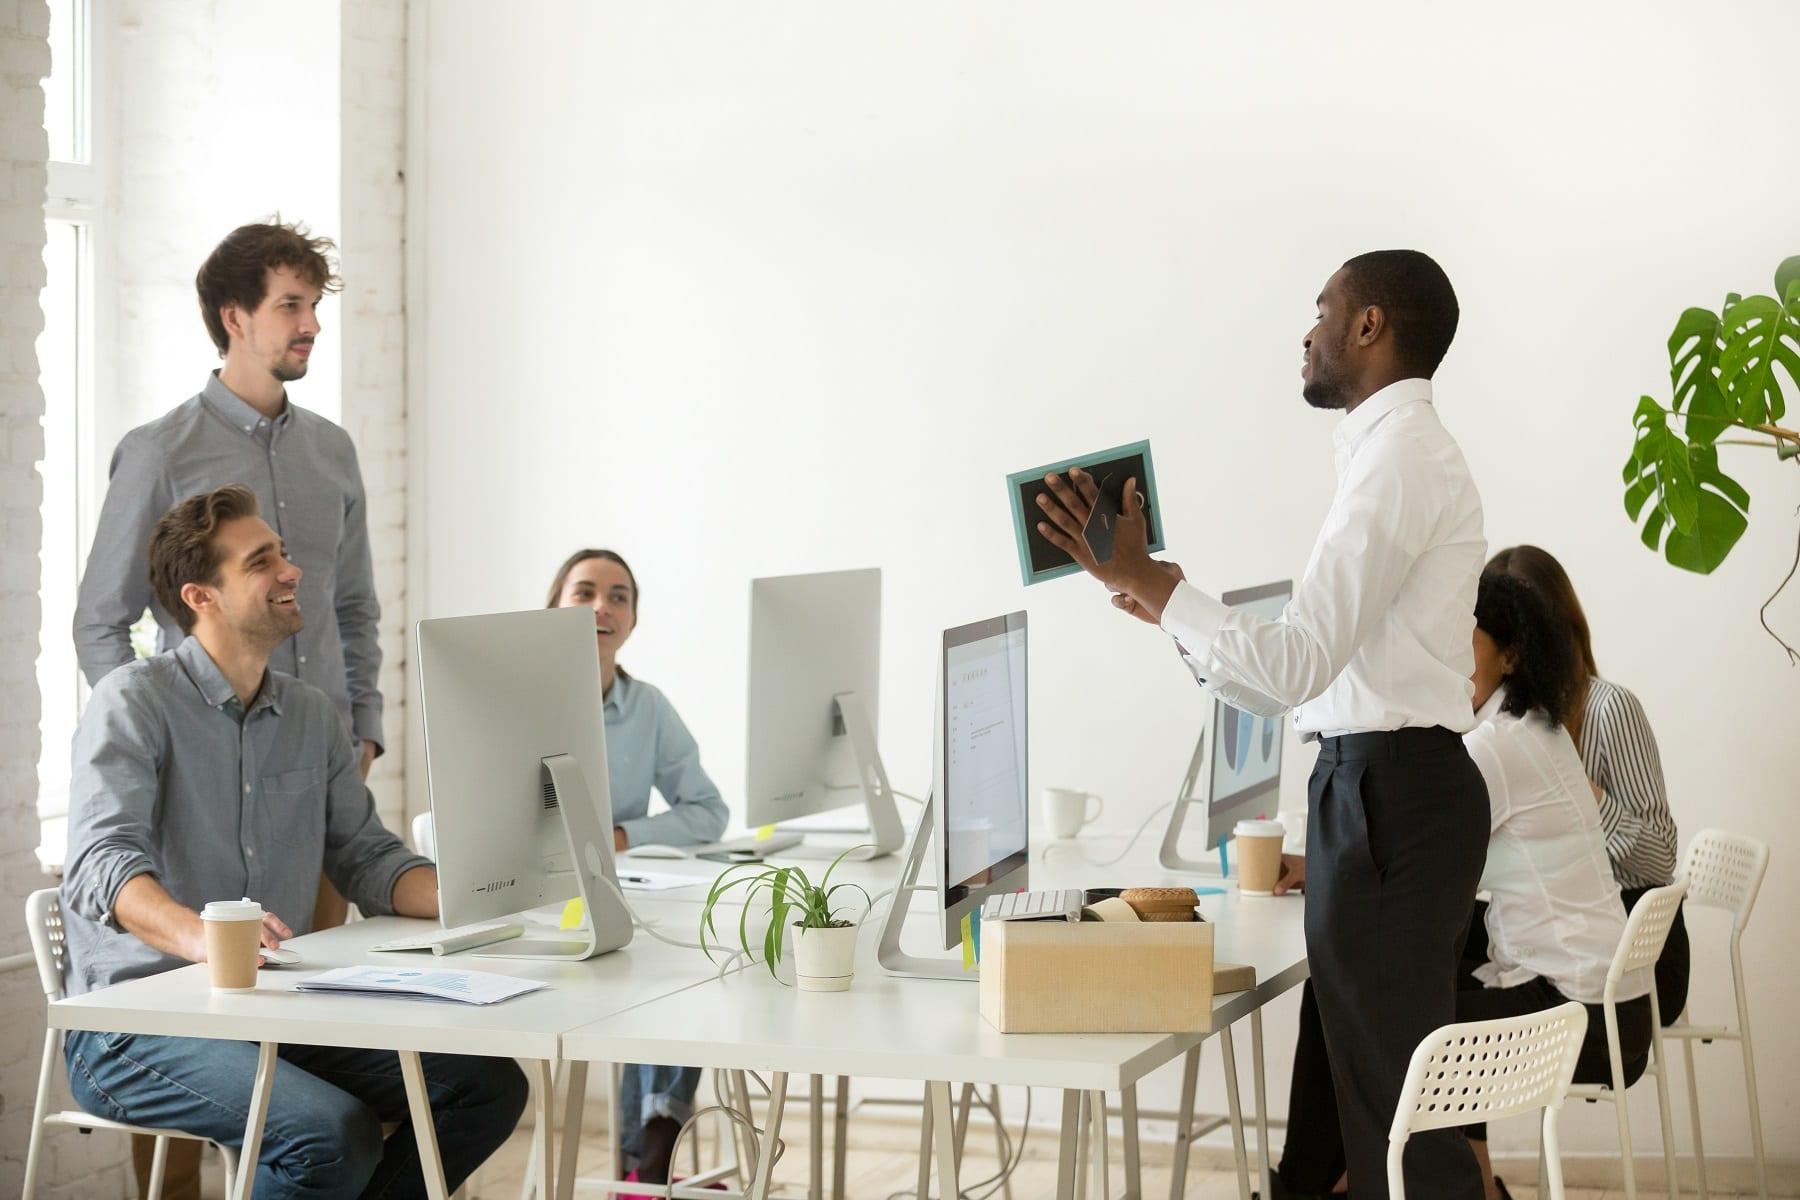 5 Hal Penting Yang Perlu Kamu Siapkan Sebelum Memulai Pekerjaan Baru 3